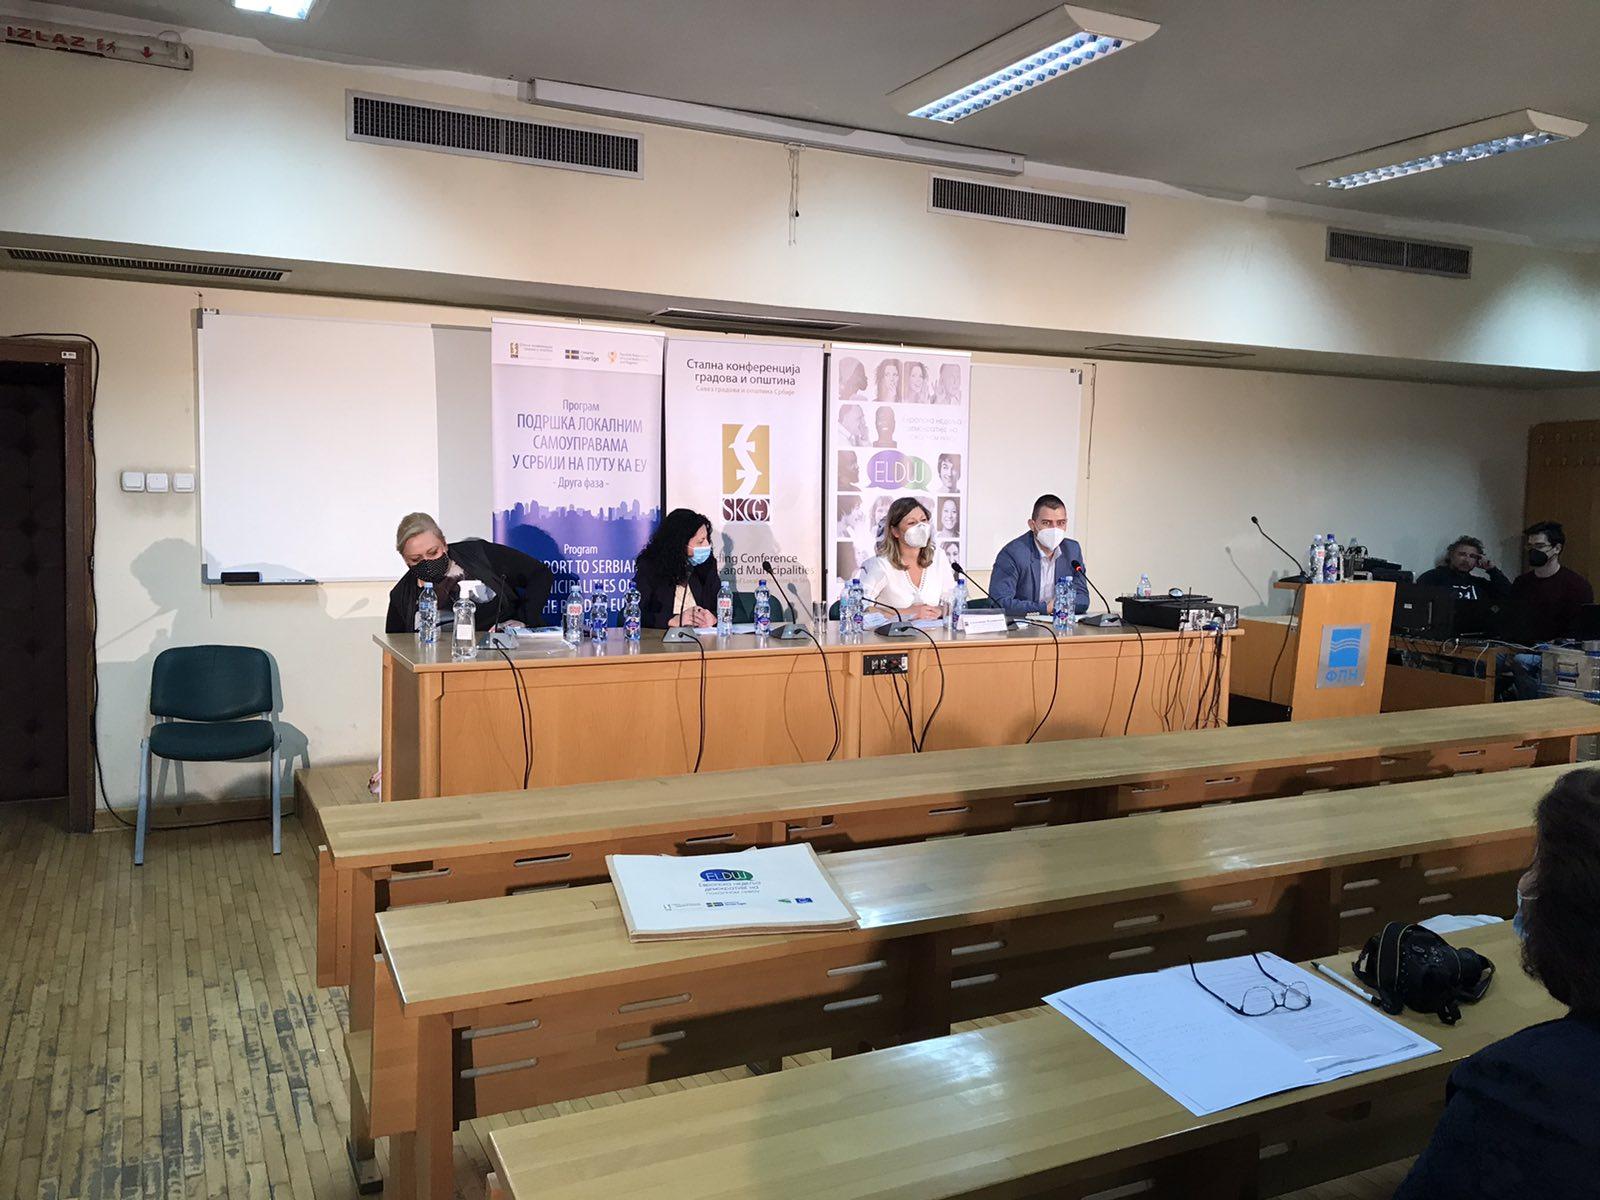 Панел дискусија о искуствима локалних самоуправа на пољу локалне демократије